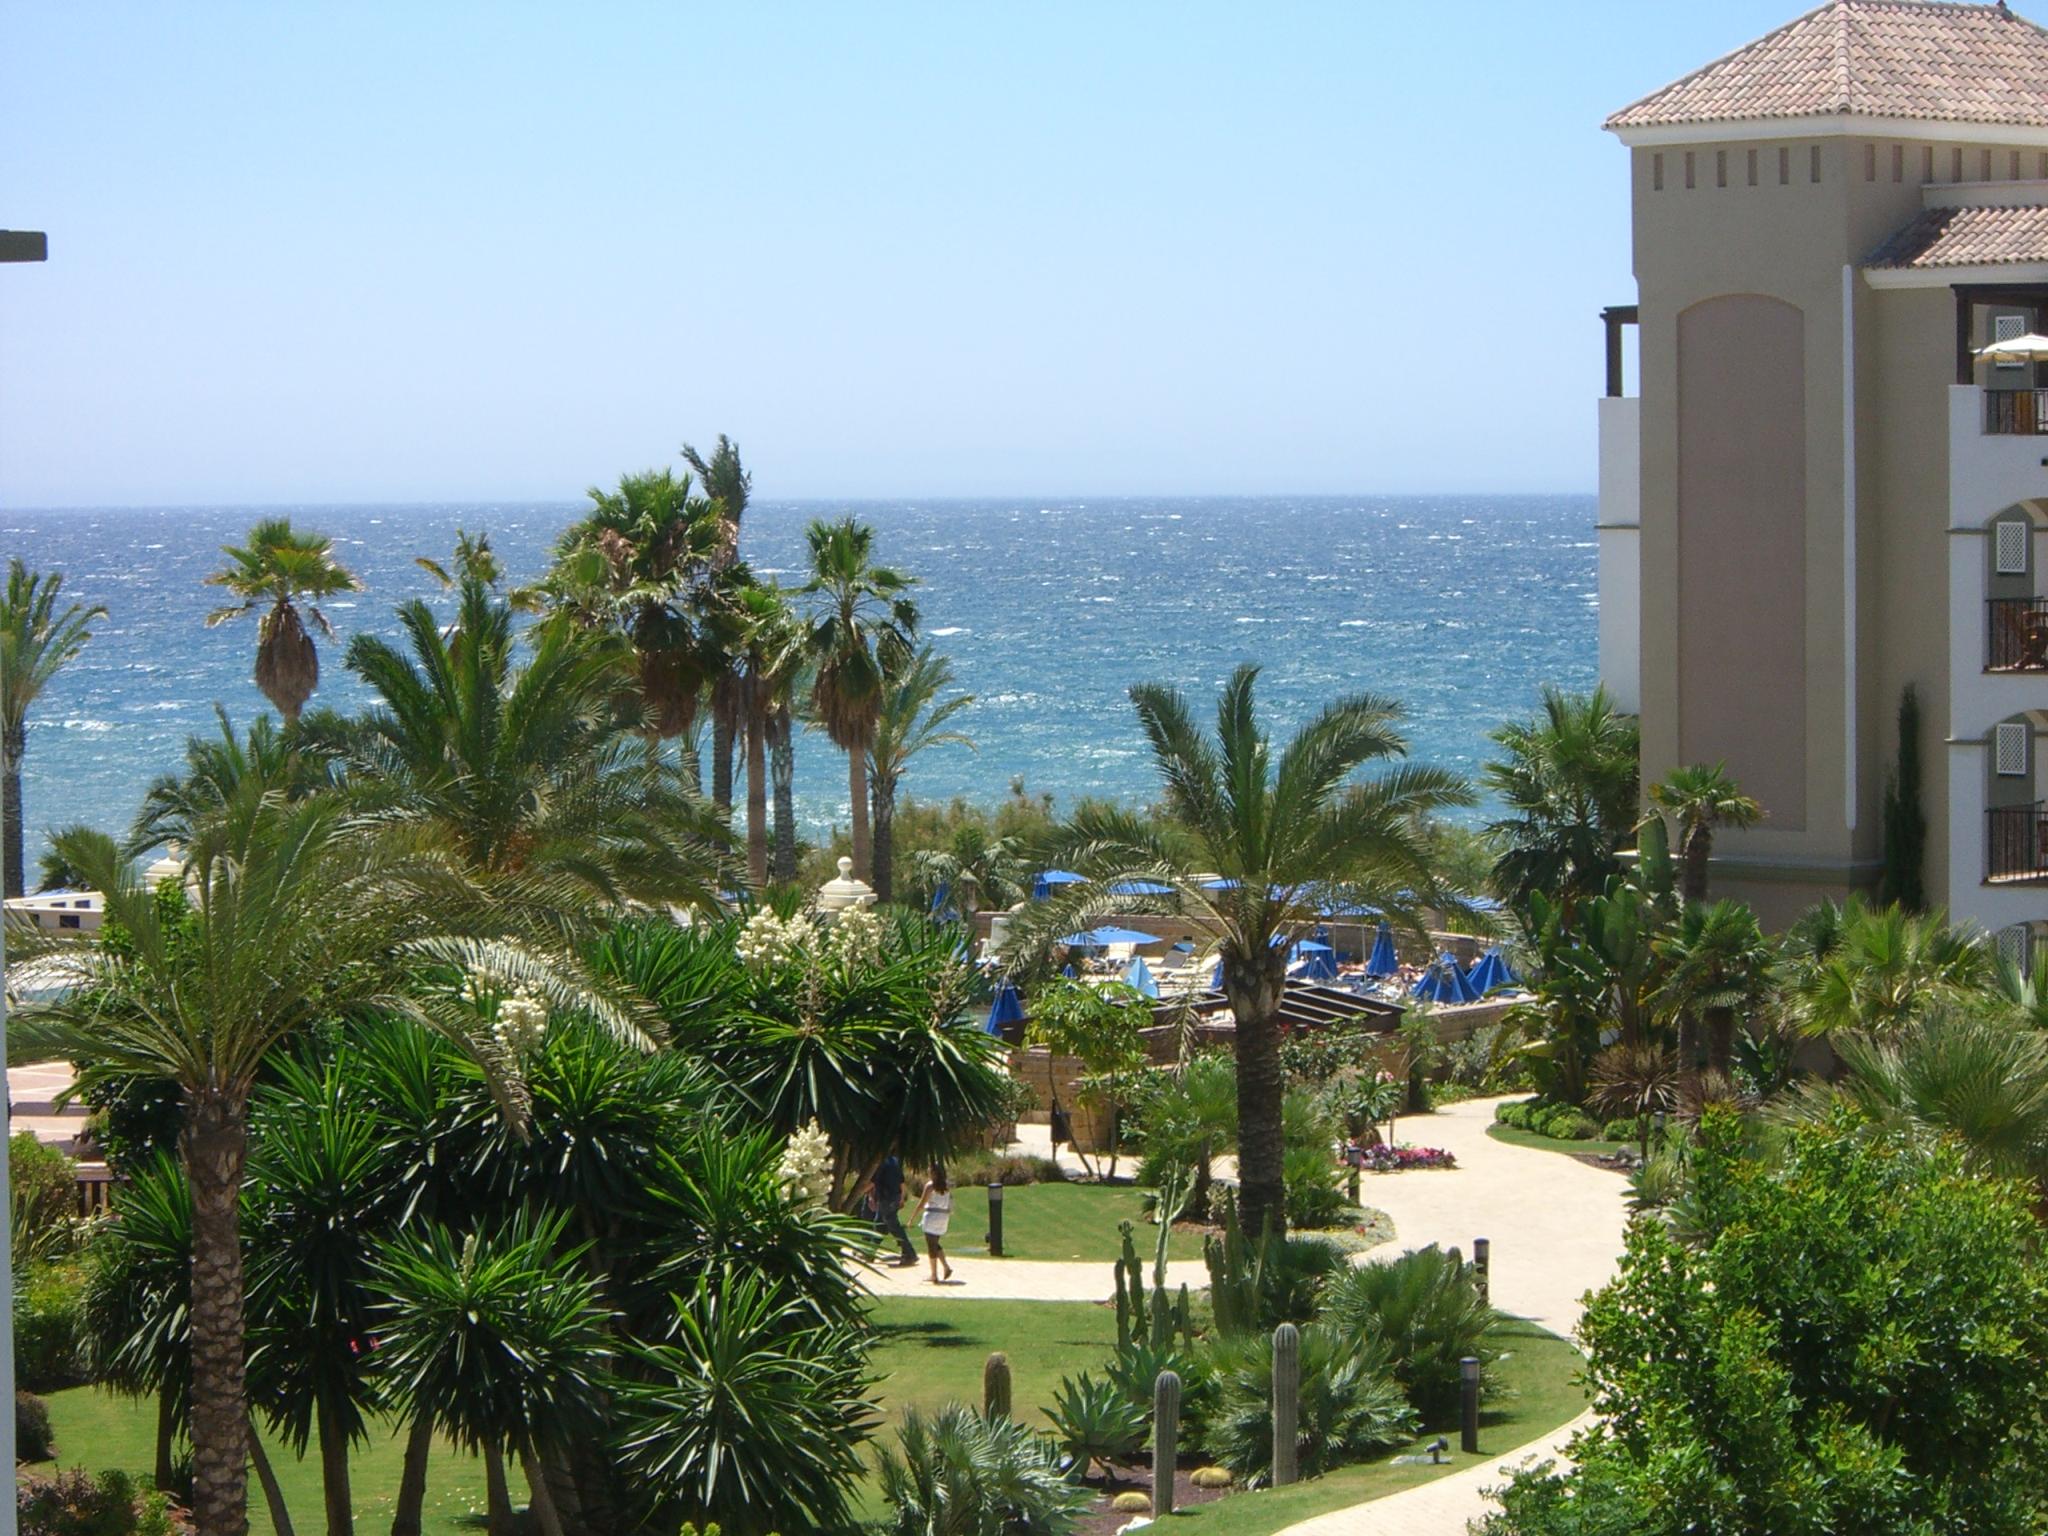 Foto playa Casasola / Isdabe-Atalaya / Matas Verdes. View on the See (Marriott´s Playa Andaluza)